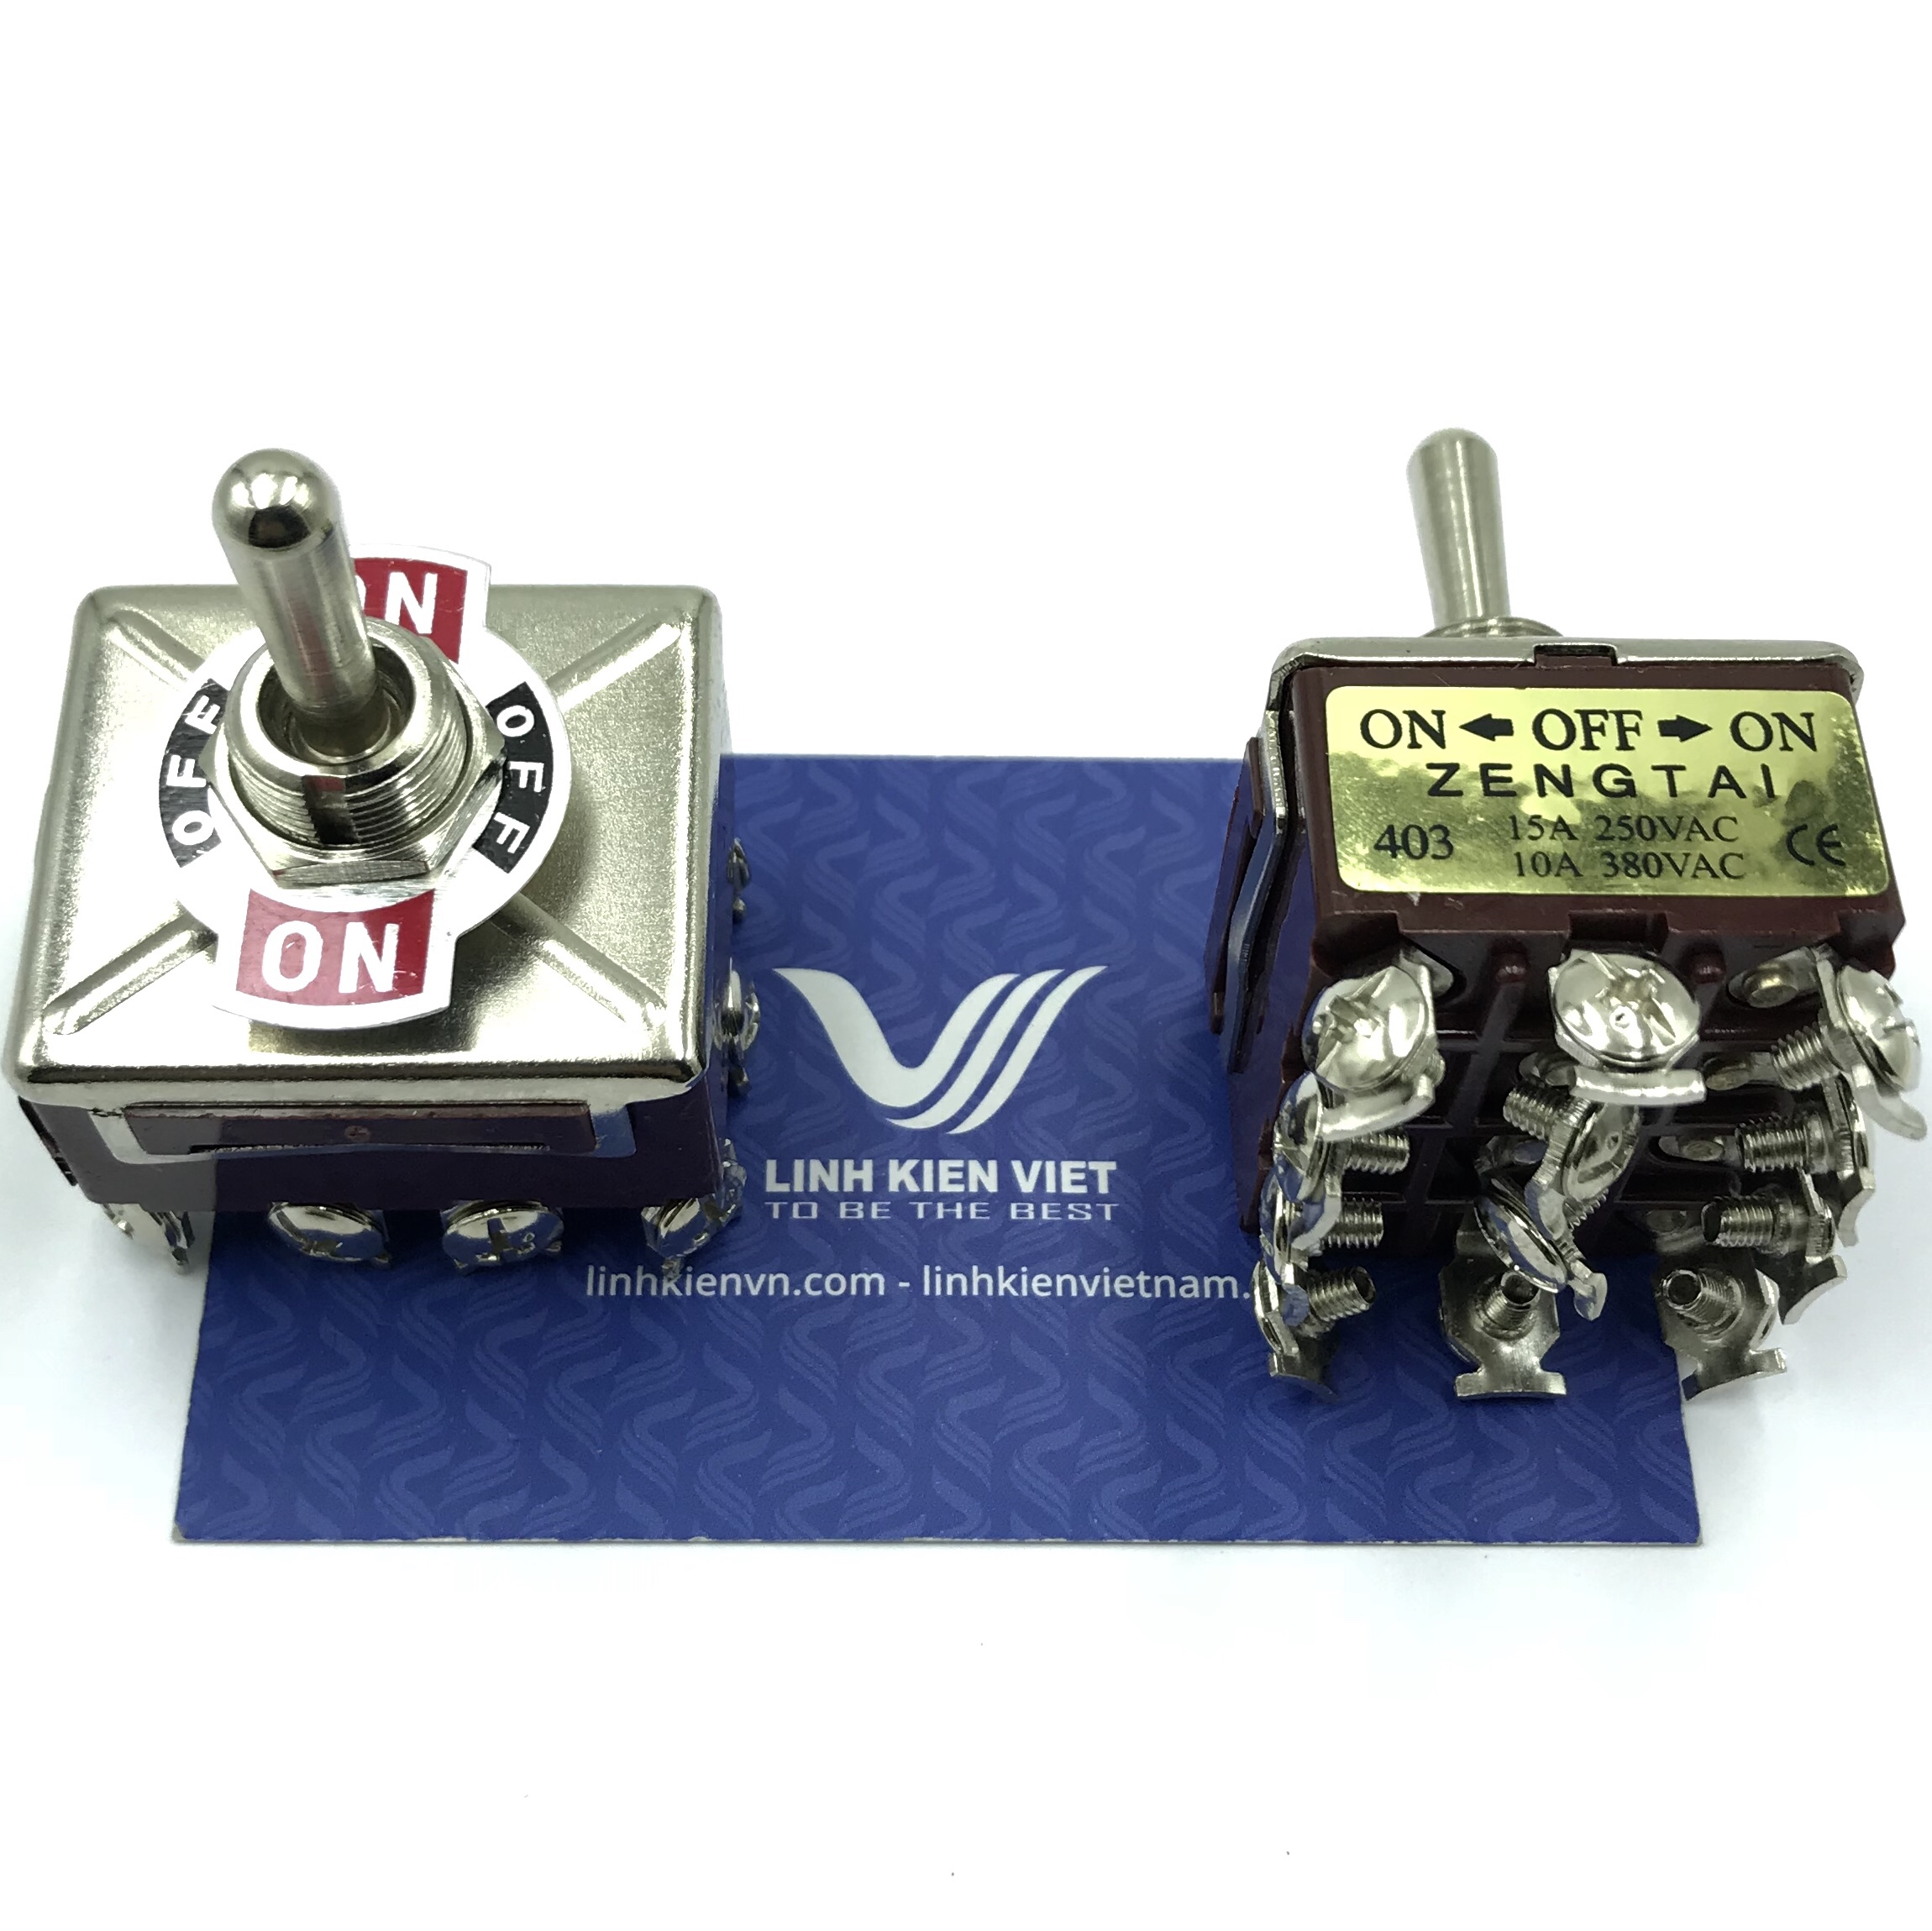 Công tắc ZENGTAI E-TEN403 15A 250V - 3 trạng thái 4 cặp tiếp điểm - S5H16